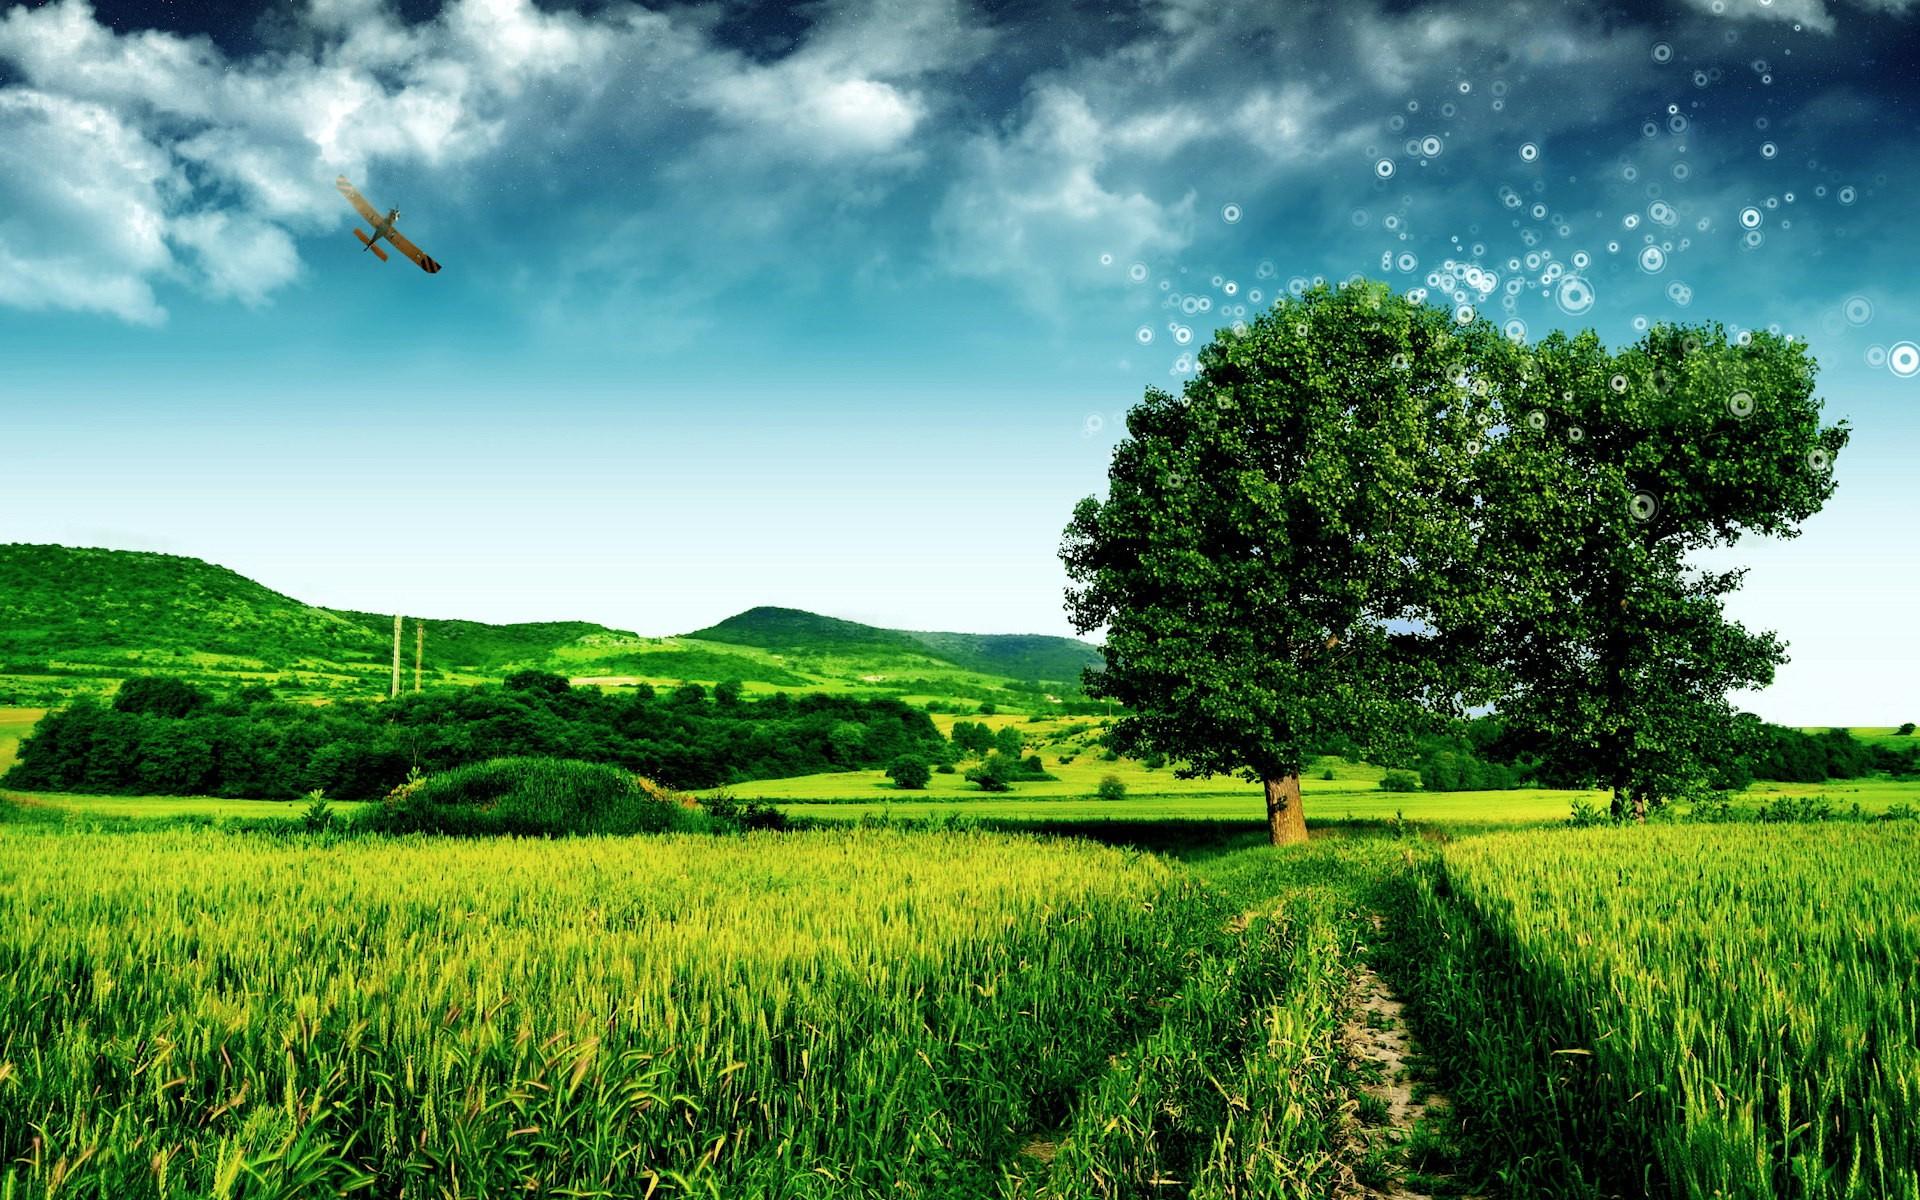 Природа » Графика » Обои для рабочего ...: oformi.net/gallery/graphics/13681-priroda.html